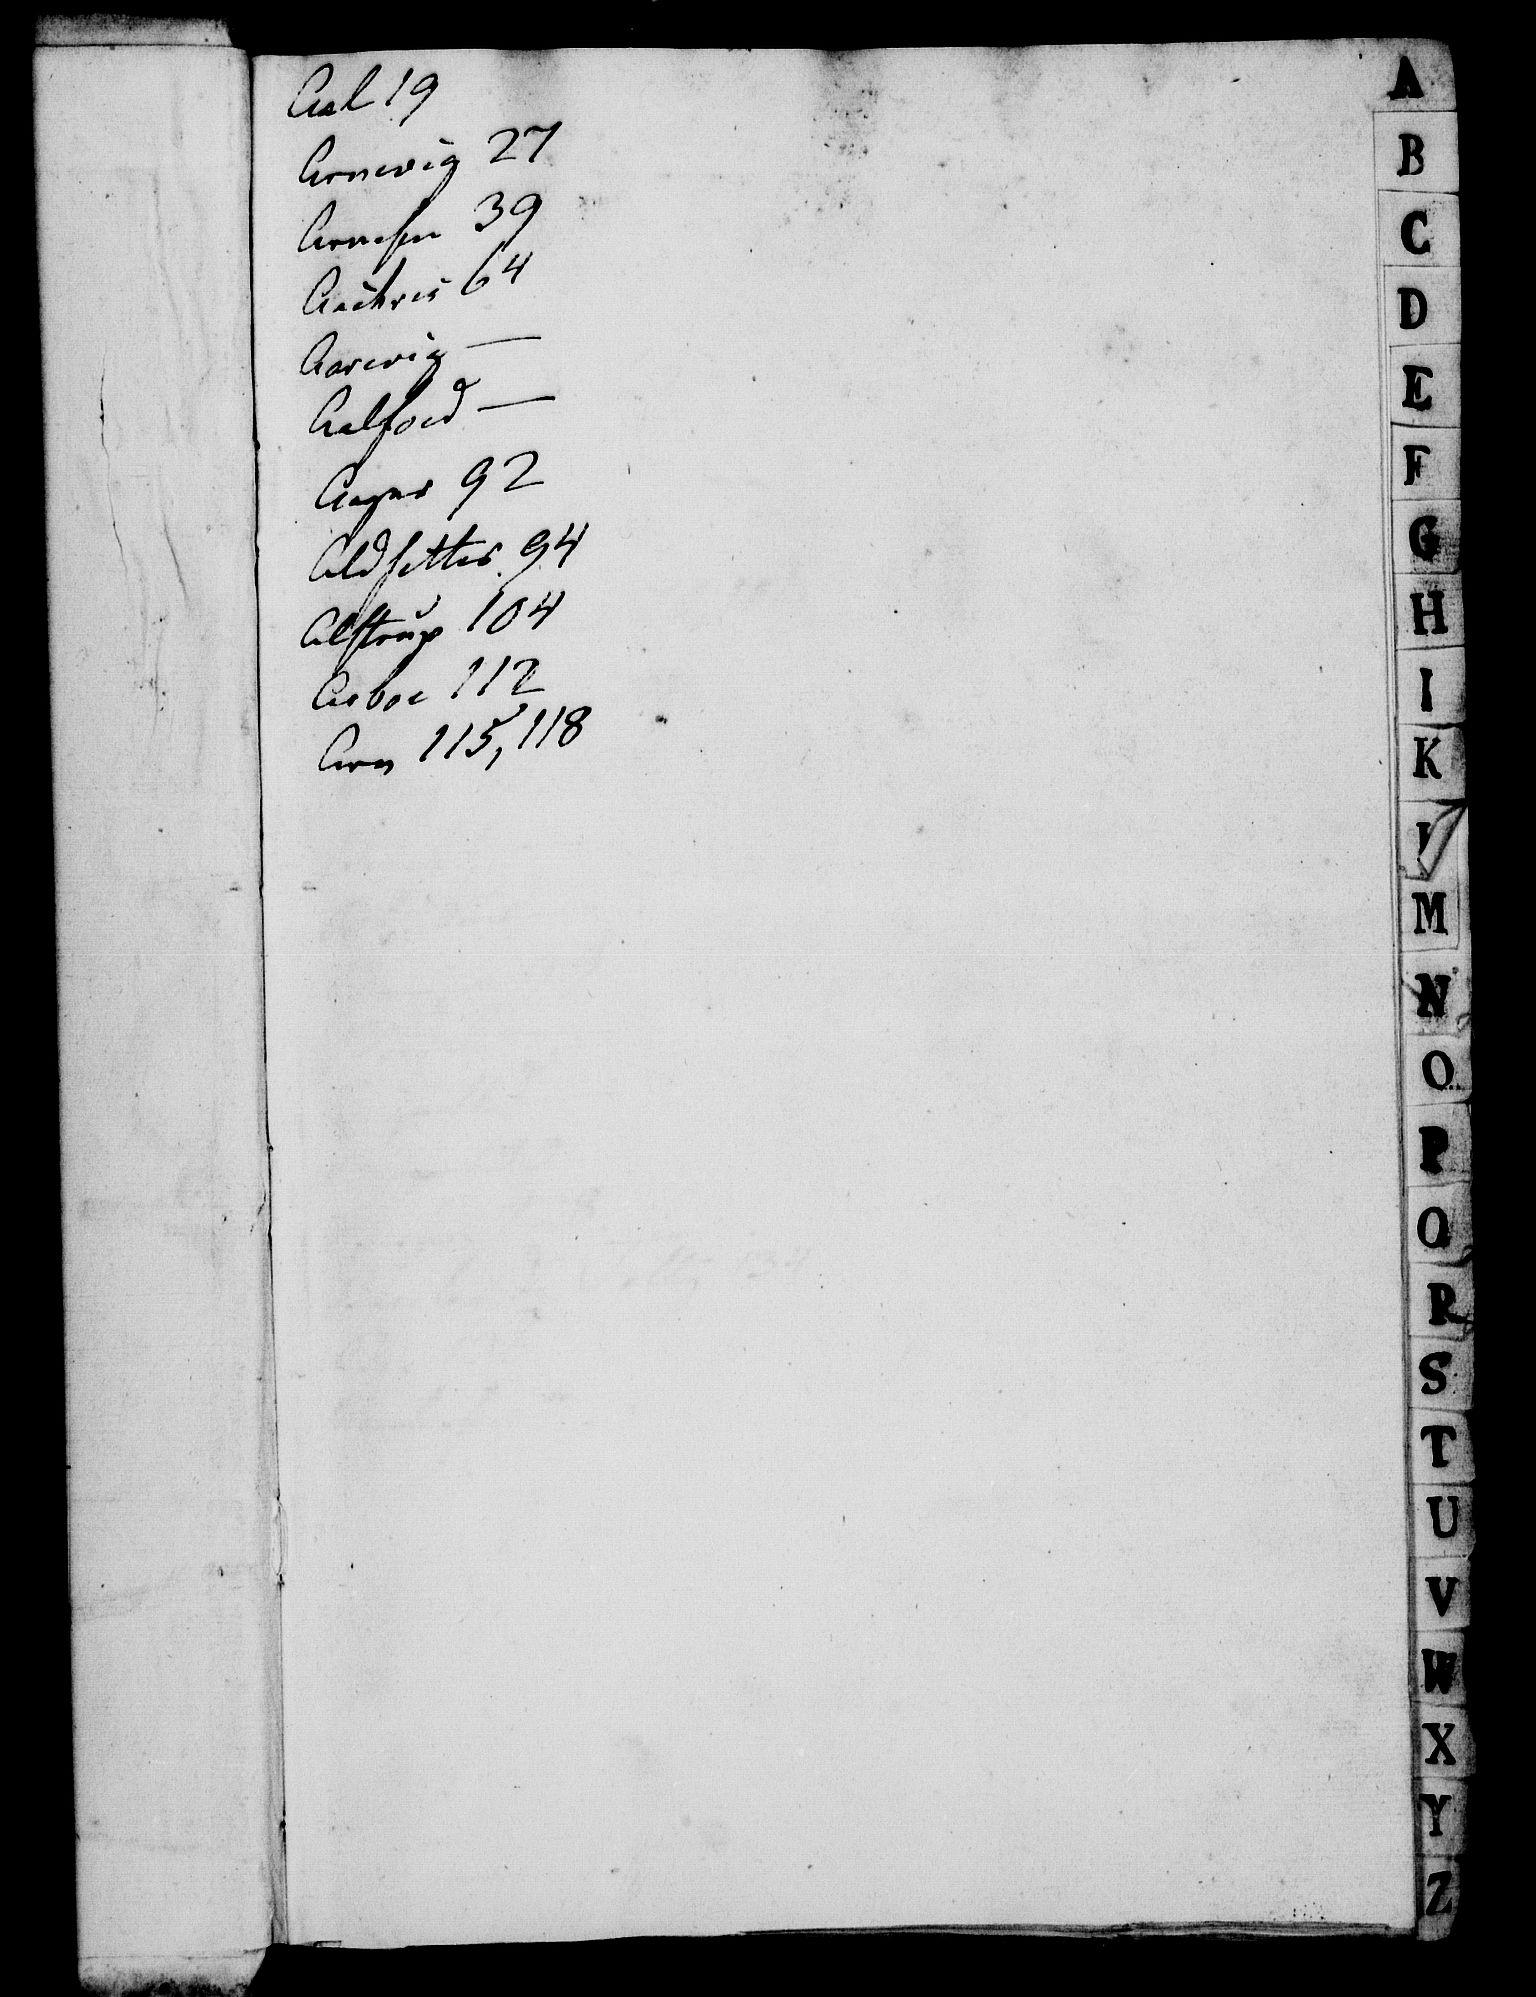 RA, Rentekammeret, Kammerkanselliet, G/Gf/Gfa/L0041: Norsk relasjons- og resolusjonsprotokoll (merket RK 52.41), 1759, s. 3